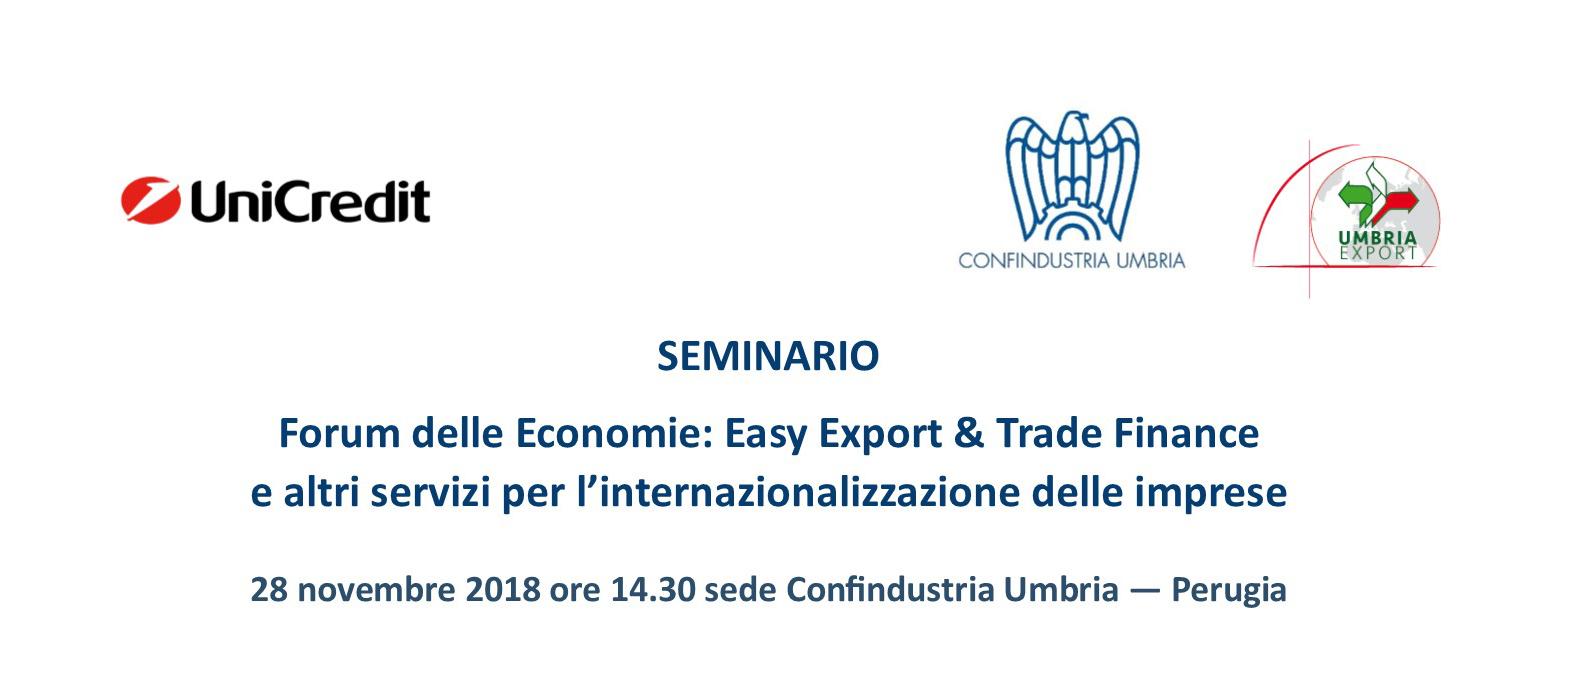 Seminario. Forum delle Economie: Easy Export & Trade Finance e altri servizi per l'internazionalizzazione delle imprese